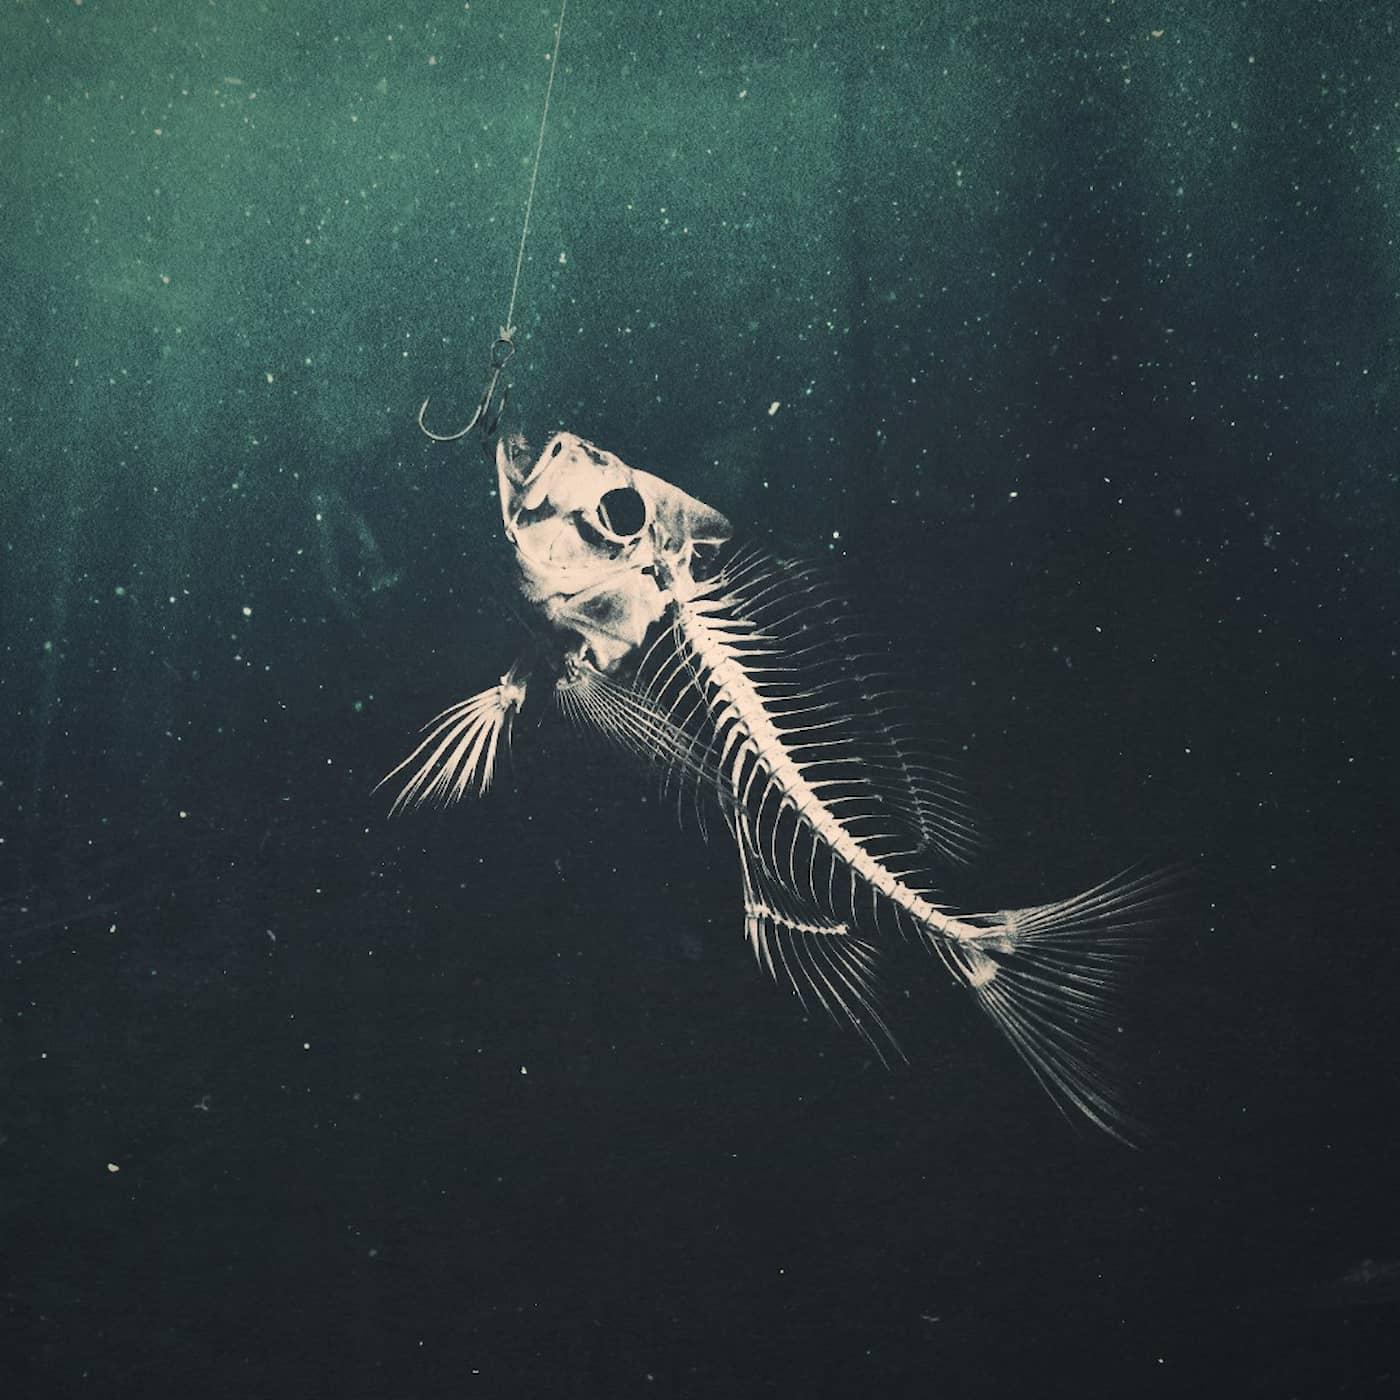 När havet dör